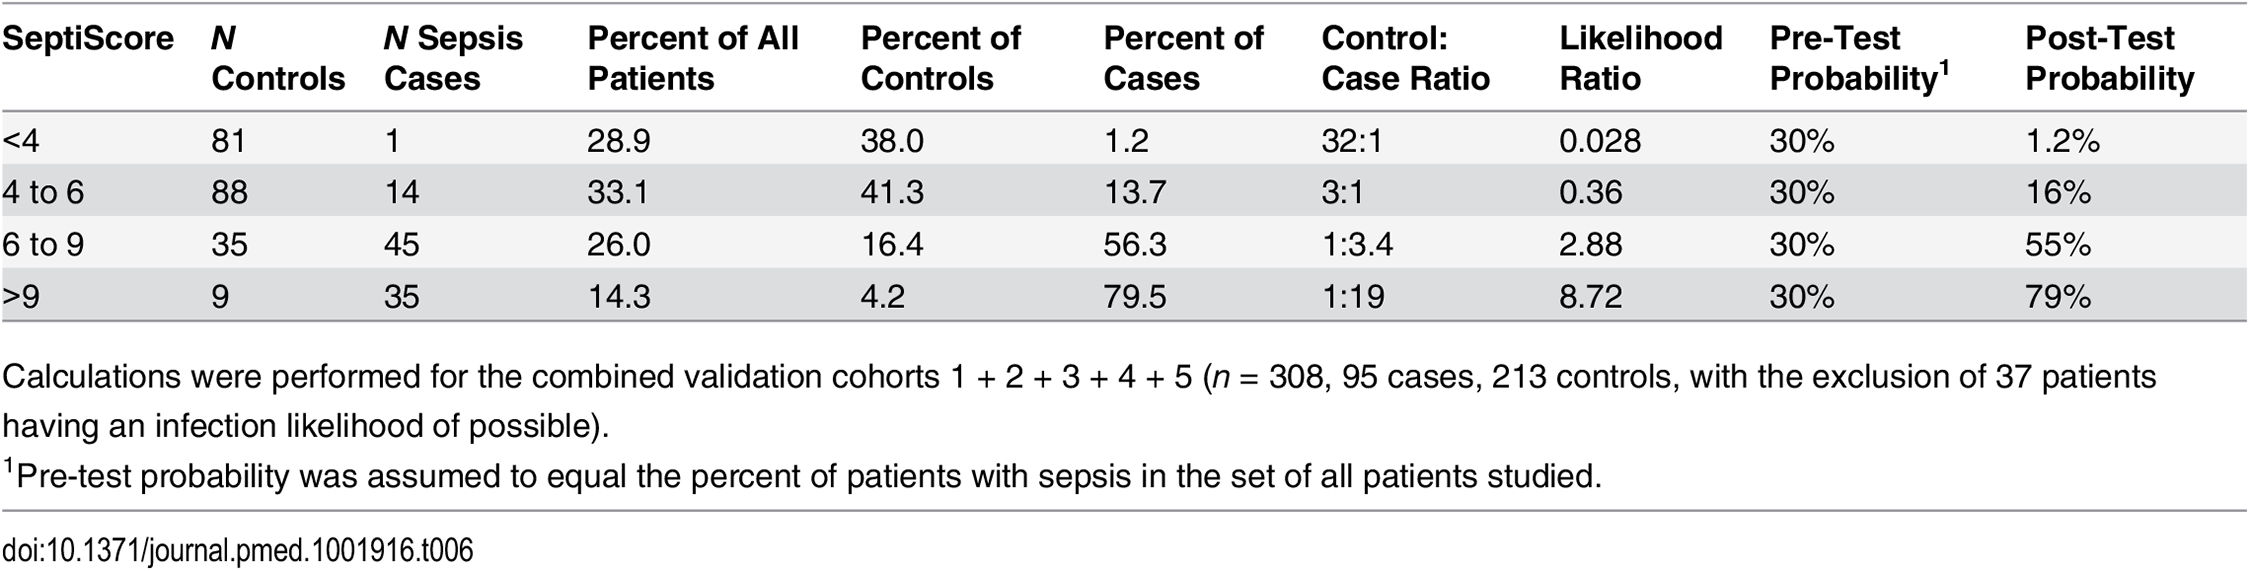 SeptiScores, likelihood ratios, and disease probabilities.